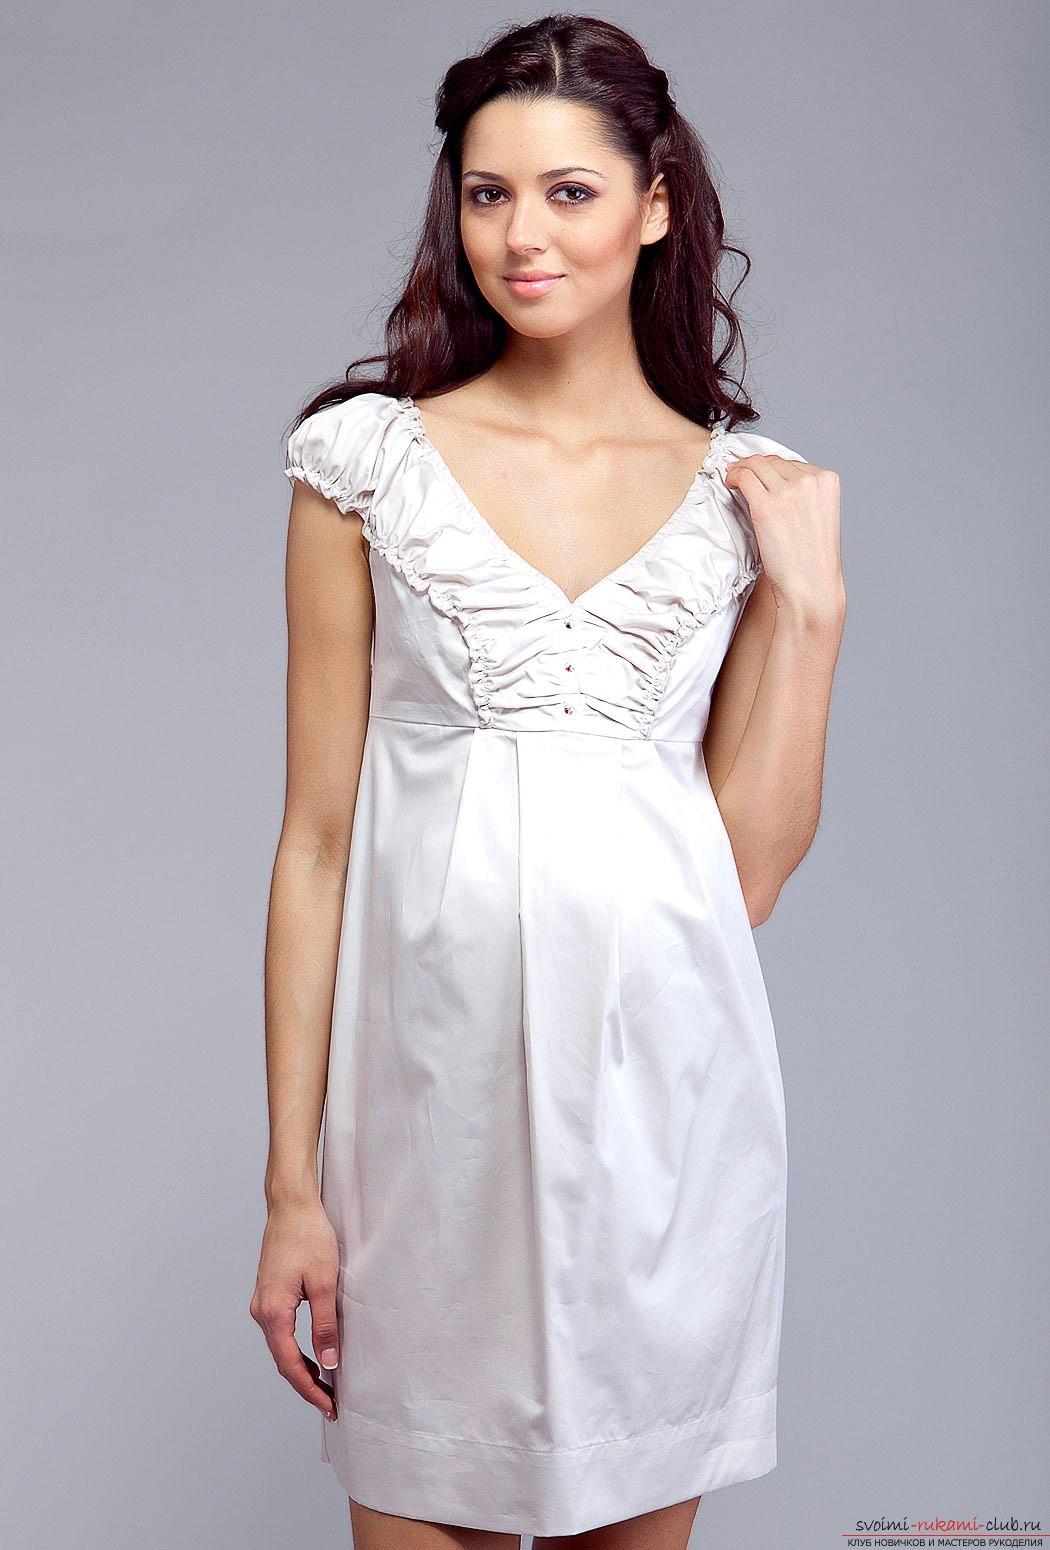 Шитье платье для беременных